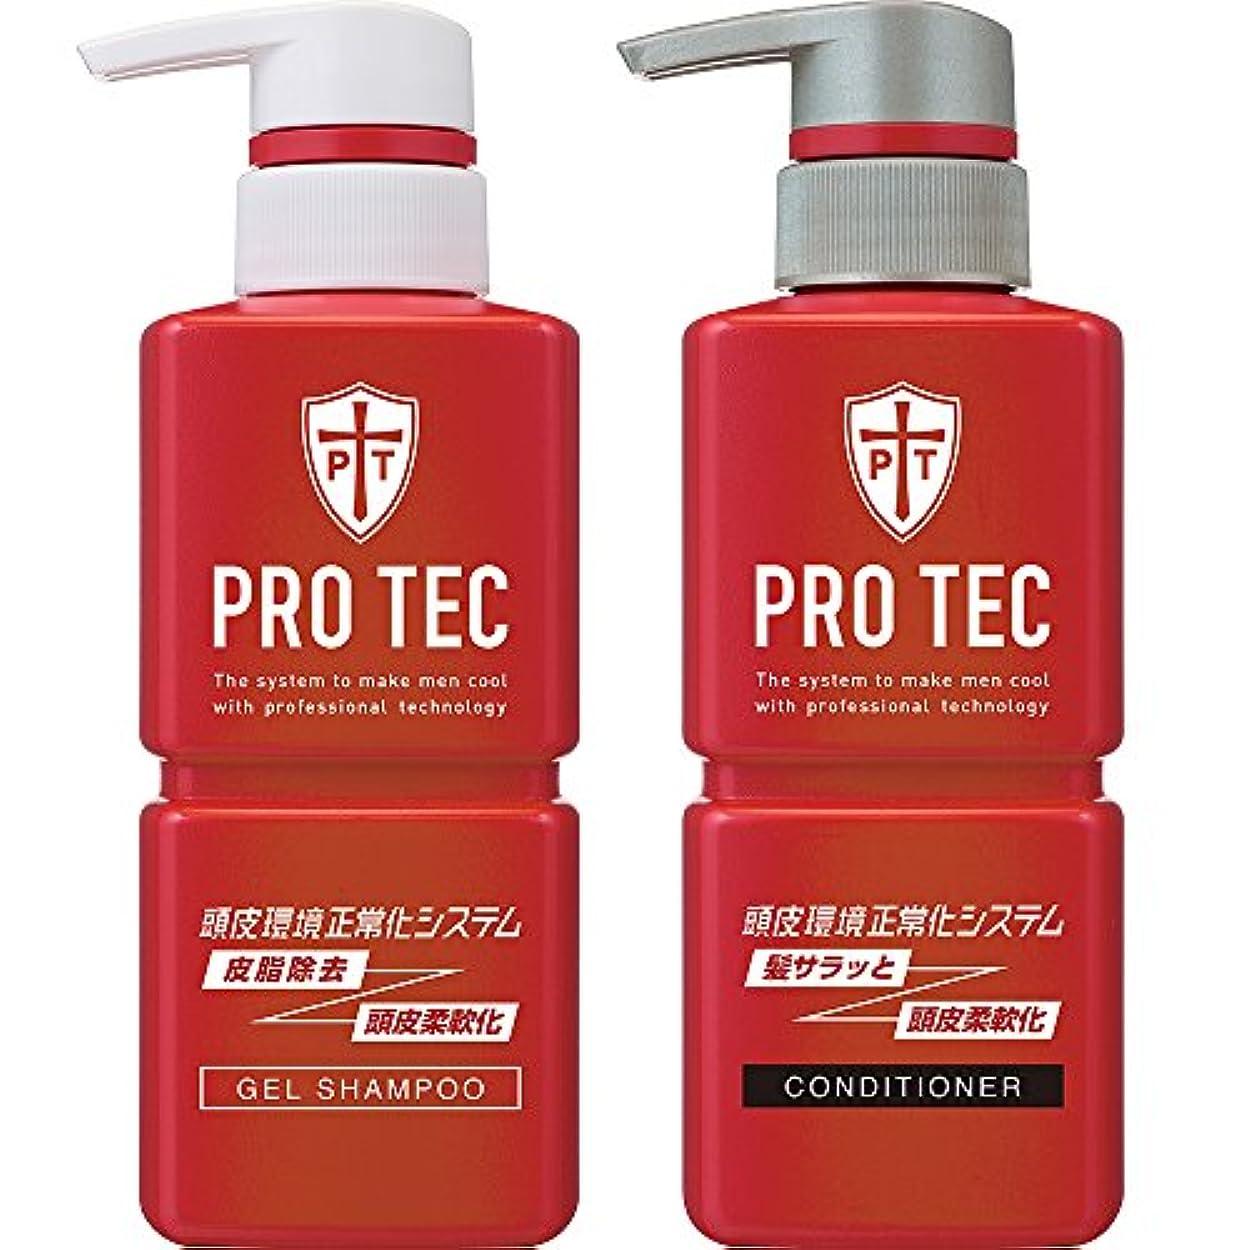 潜在的な債権者船尾PRO TEC(プロテク) 頭皮ストレッチ シャンプー ポンプ 300g(医薬部外品)+ コンディショナー ポンプ 300g